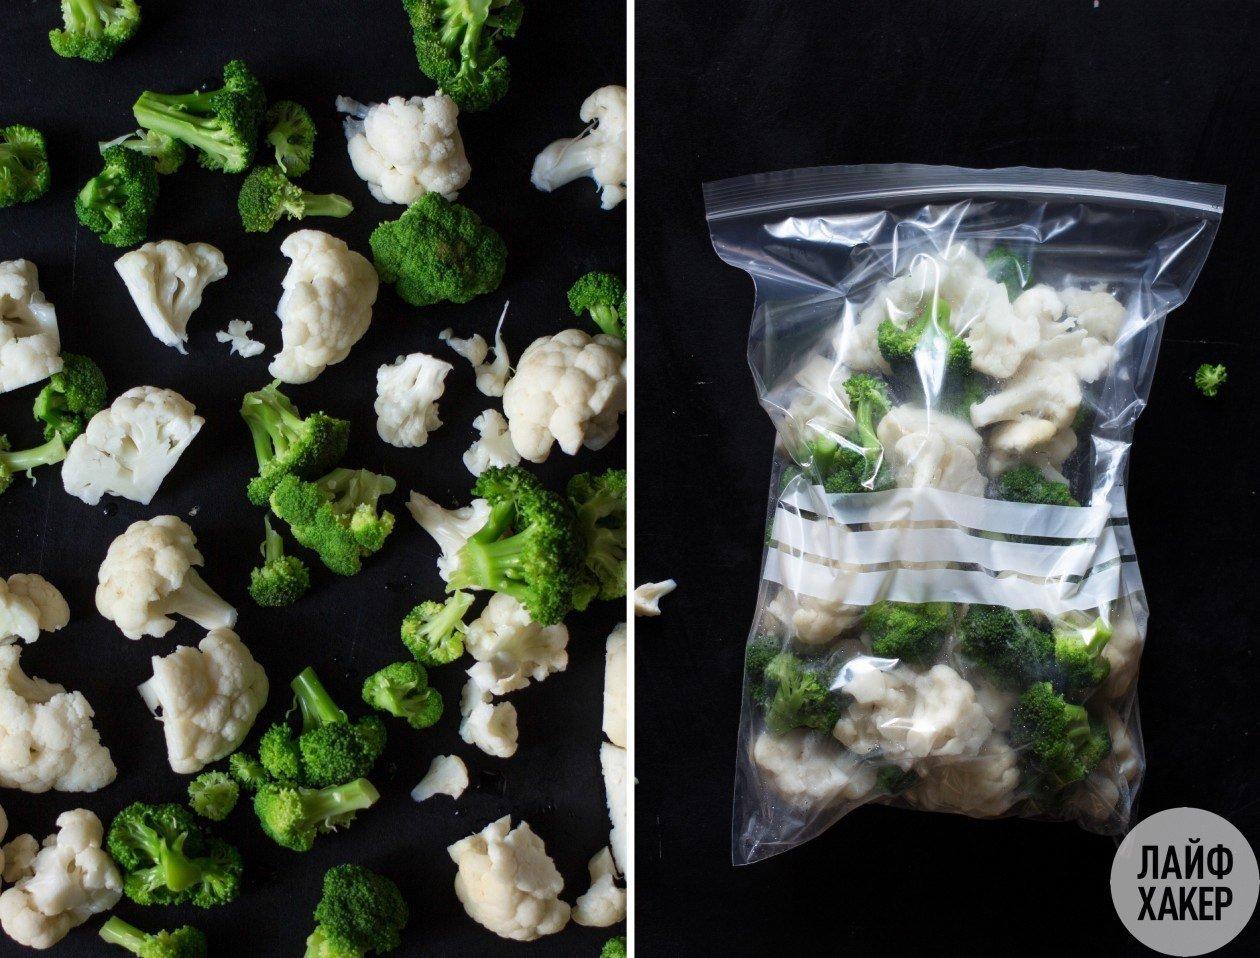 Как заморозить брокколи на зиму в домашних условиях?